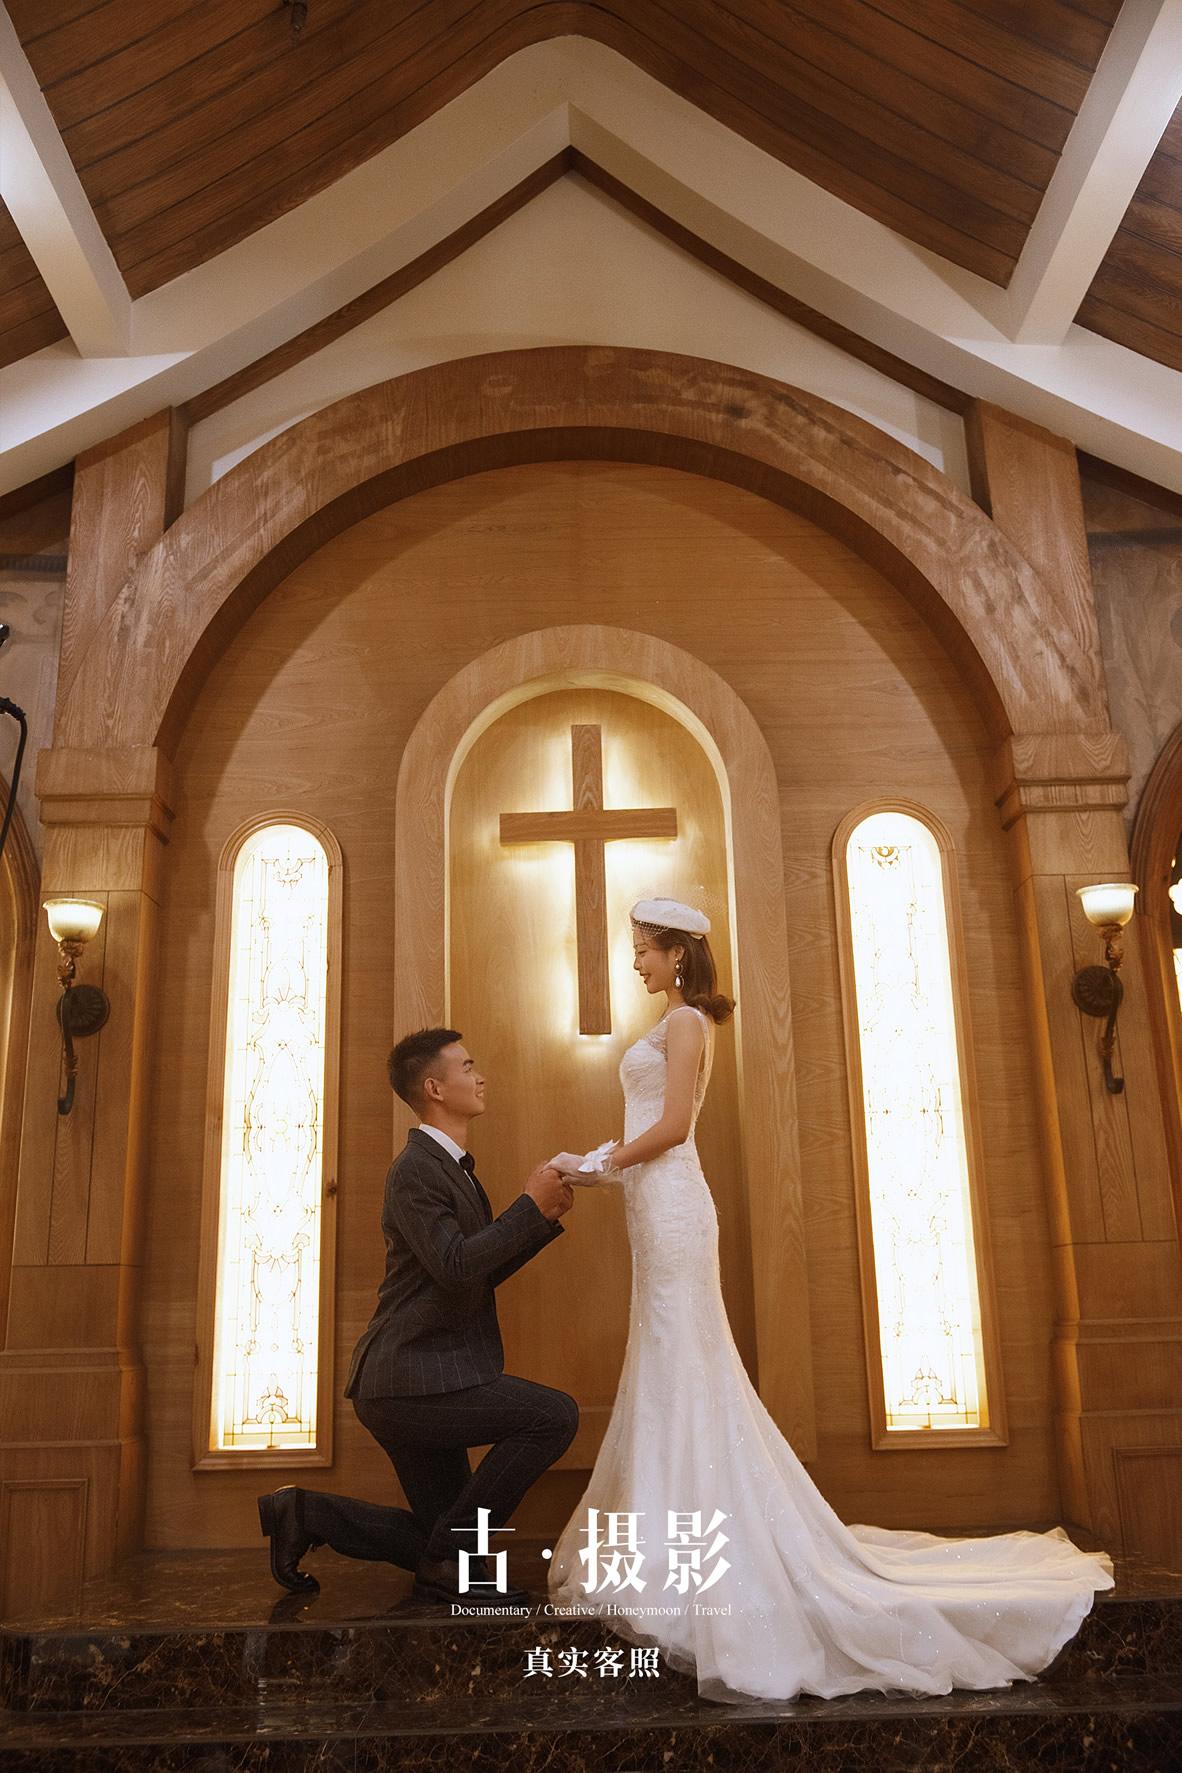 周先生 谭小姐 - 每日客照 - 古摄影婚纱艺术-古摄影成都婚纱摄影艺术摄影网